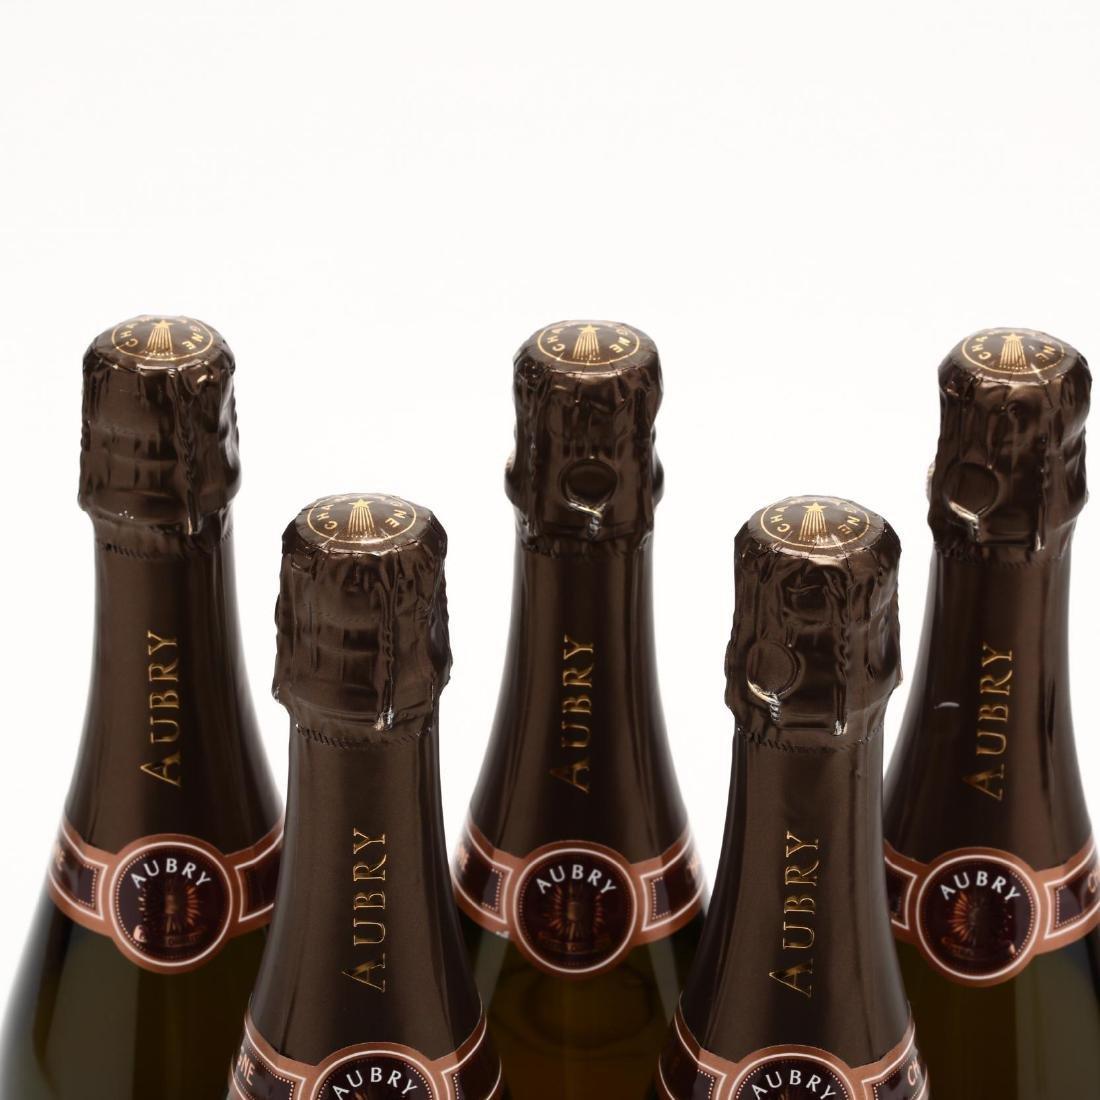 L. Aubry Champagne - NV - 3